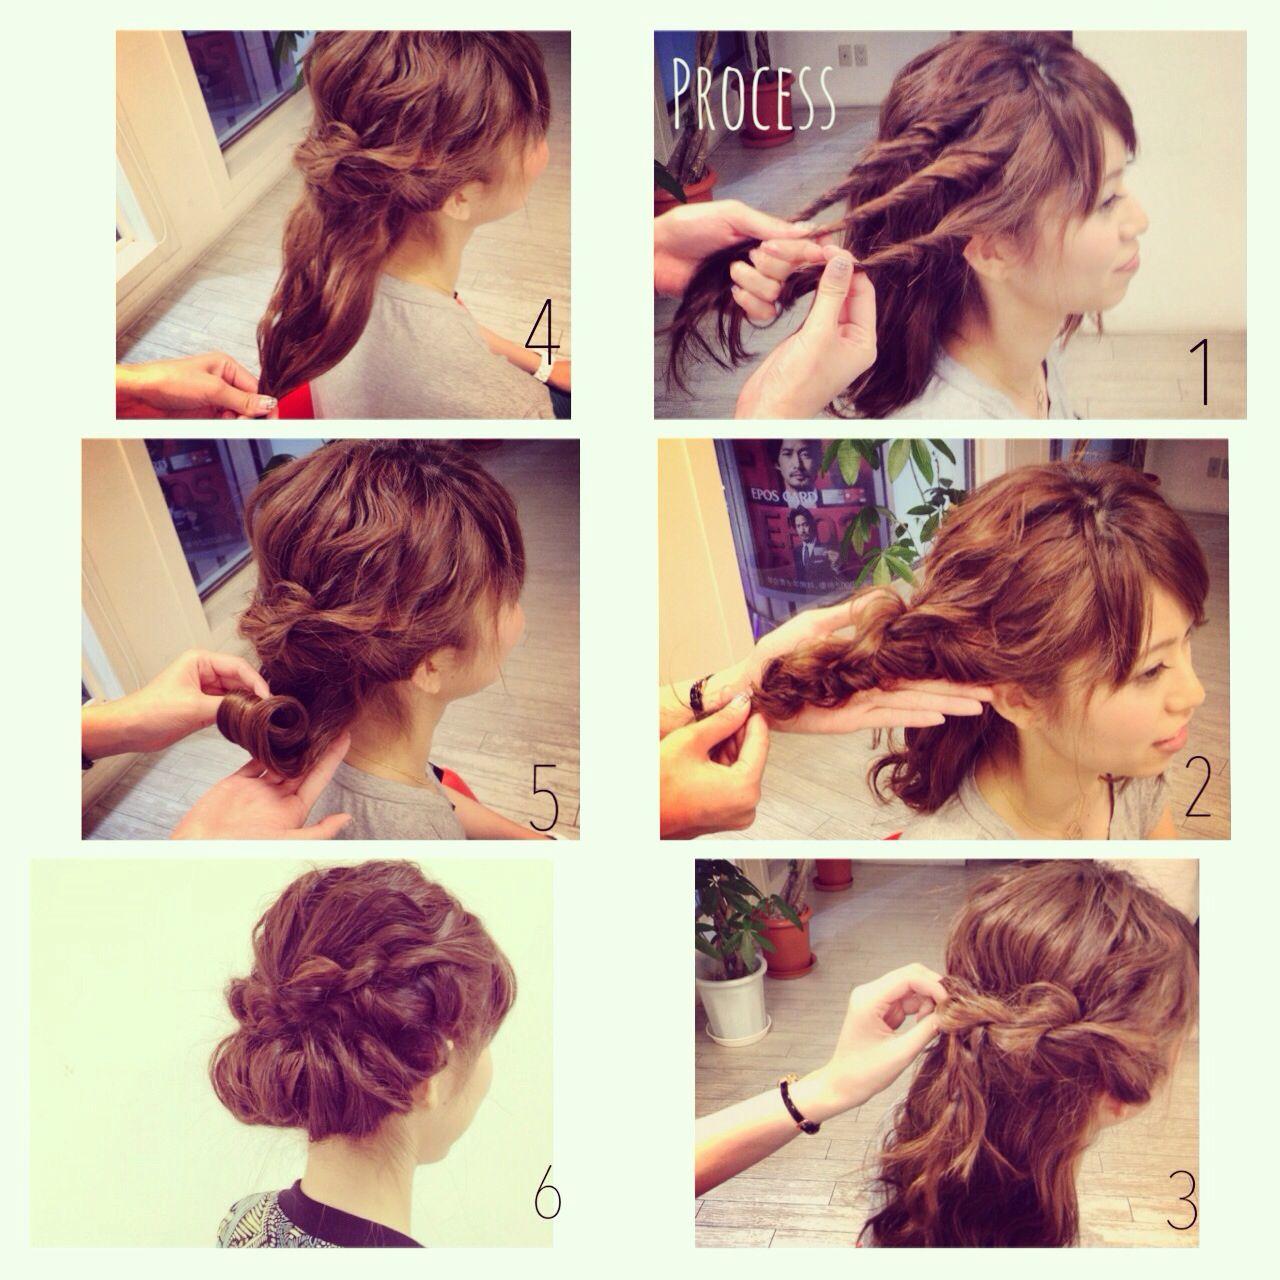 結婚式・お呼ばれに。おすすめアップのヘアスタイルとセルフアレンジ法 Kaneko Mayumi